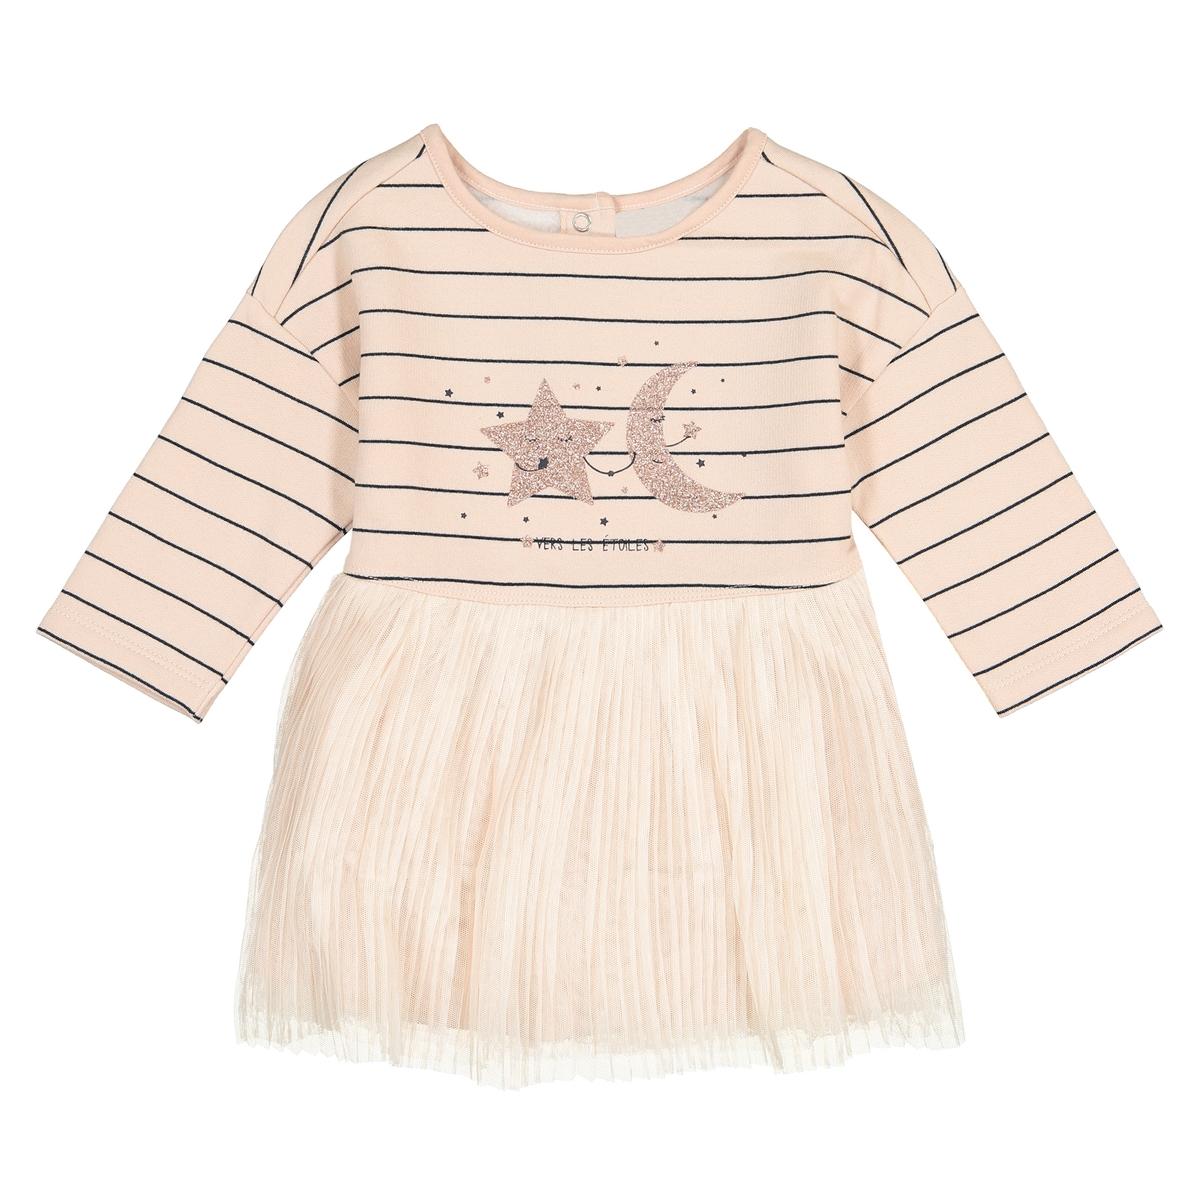 Платье La Redoute Из мольтона в полоску и тюля мес - года 2 года - 86 см розовый платье la redoute из мольтона в полоску и тюля мес года 3 года 94 см розовый